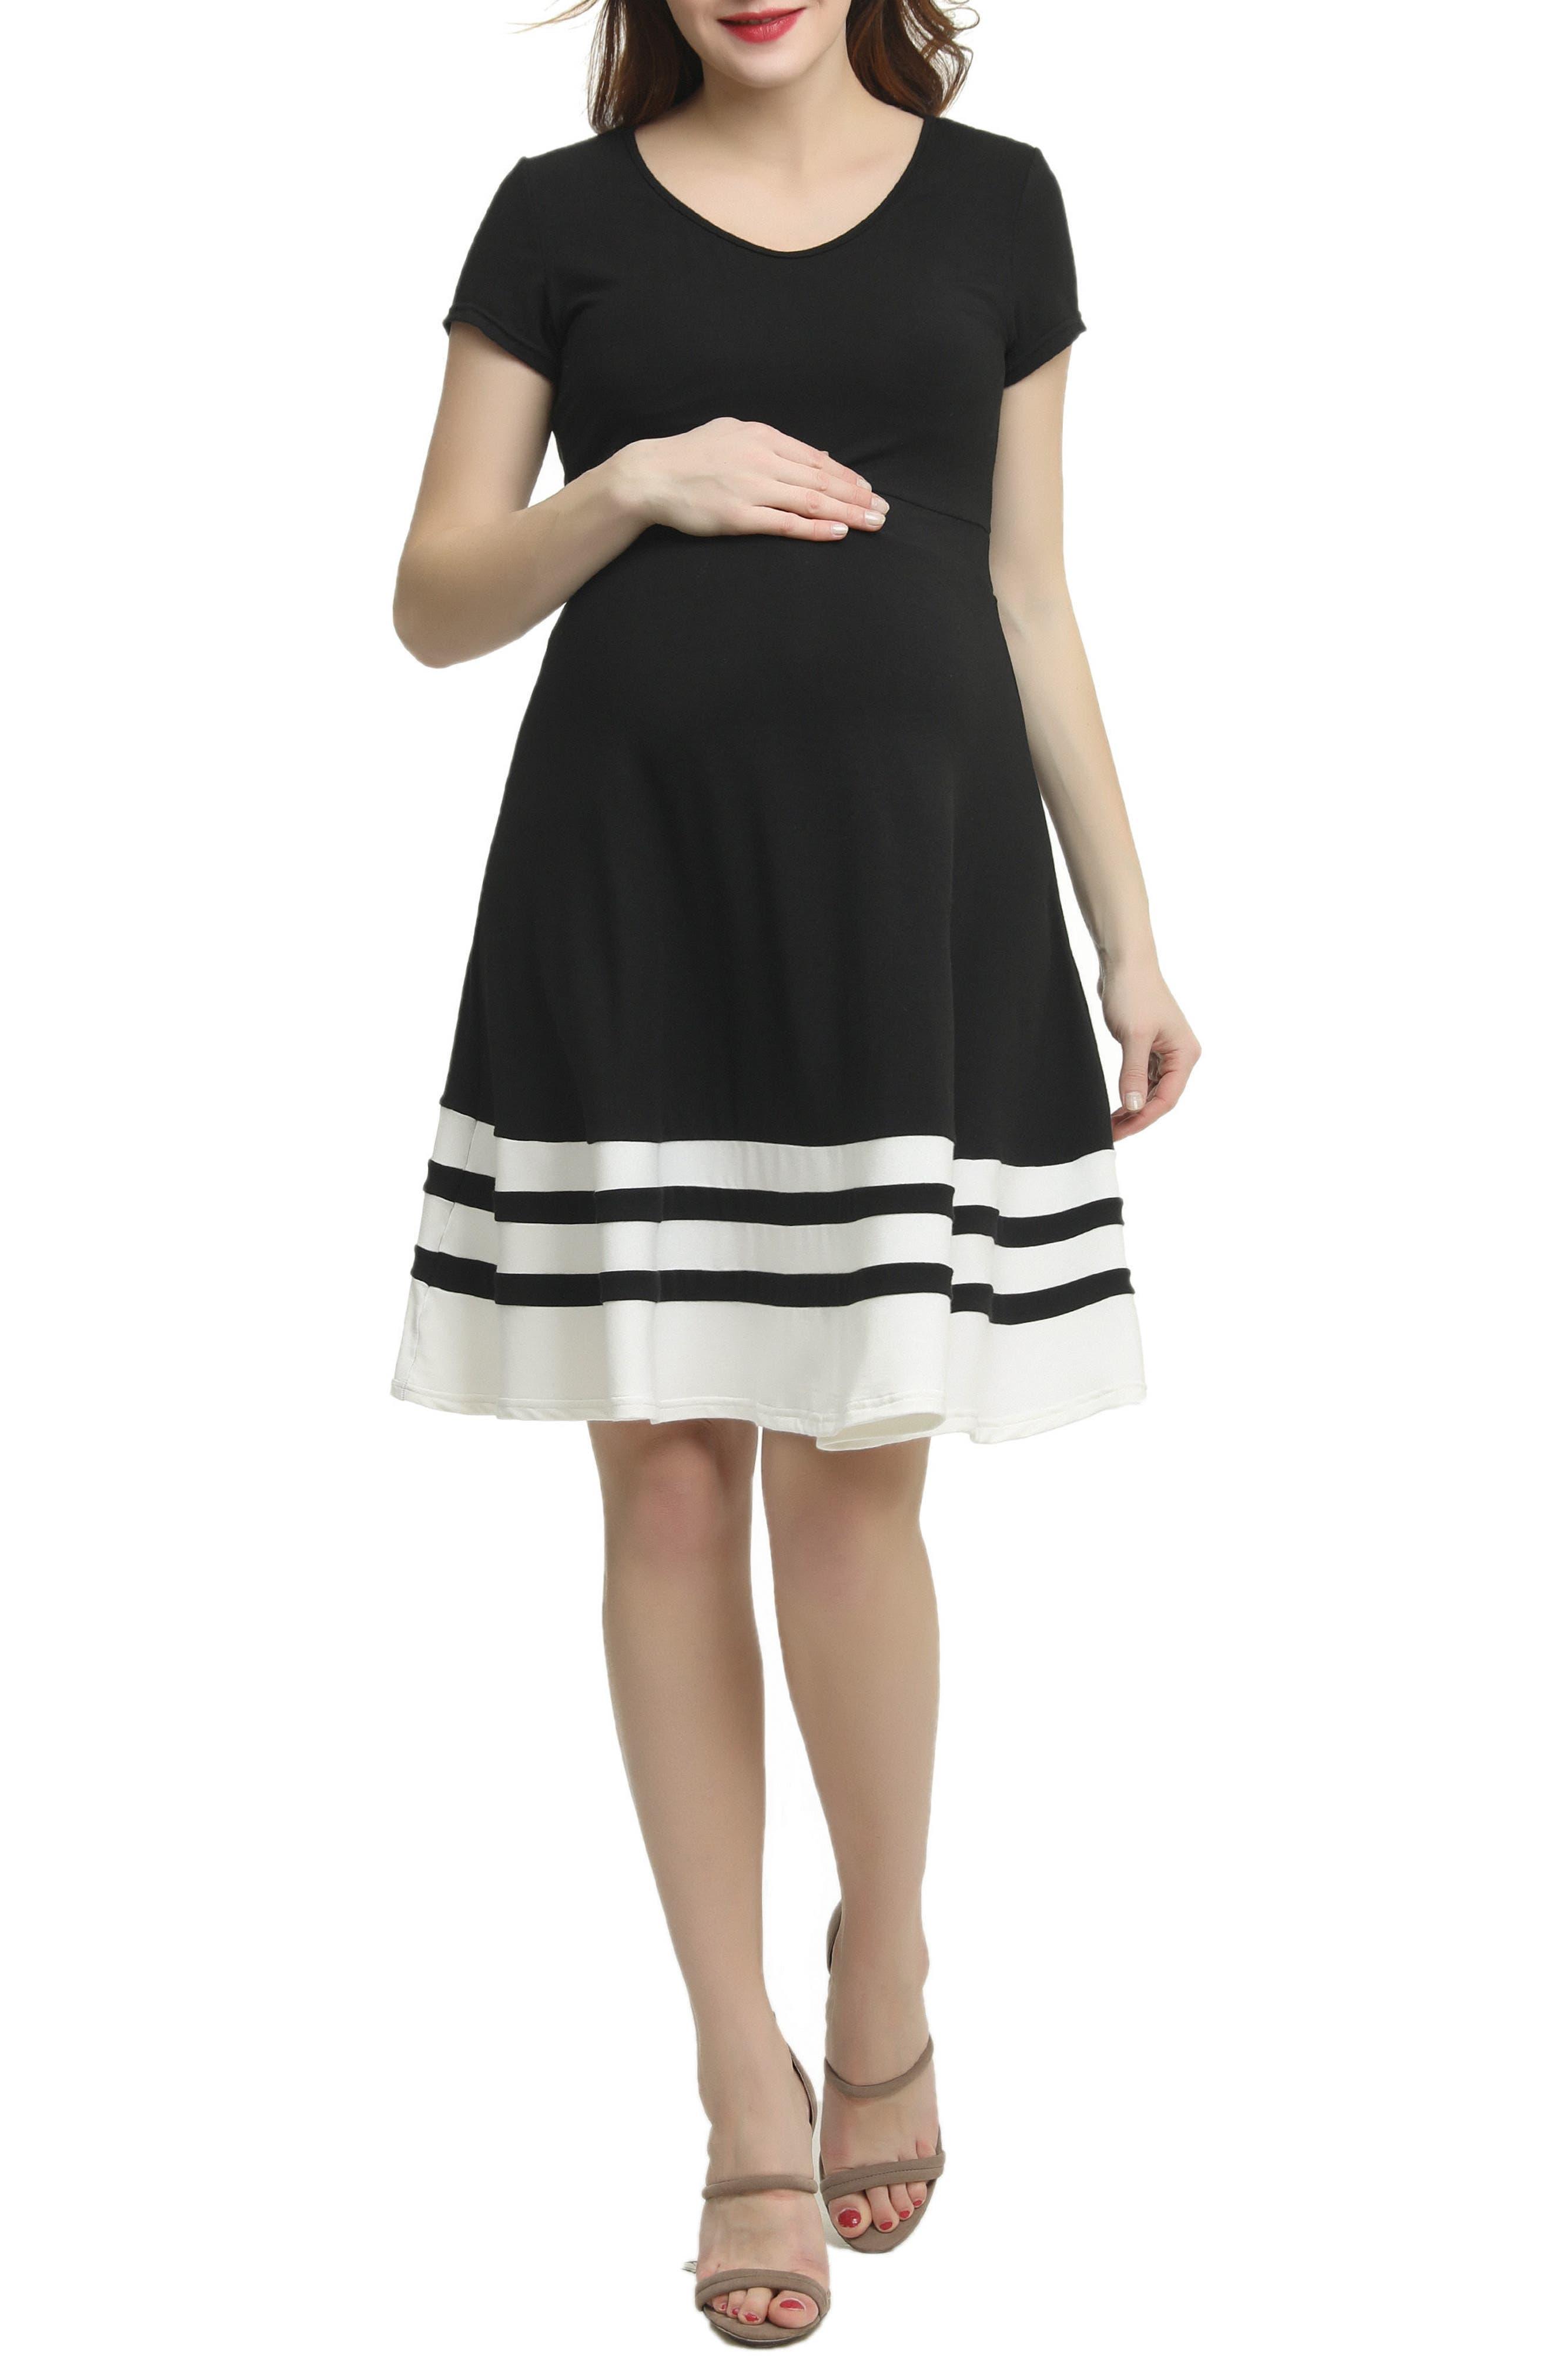 Theresa Colorblock Maternity Skater Dress,                             Main thumbnail 1, color,                             BLACK/ WHITE